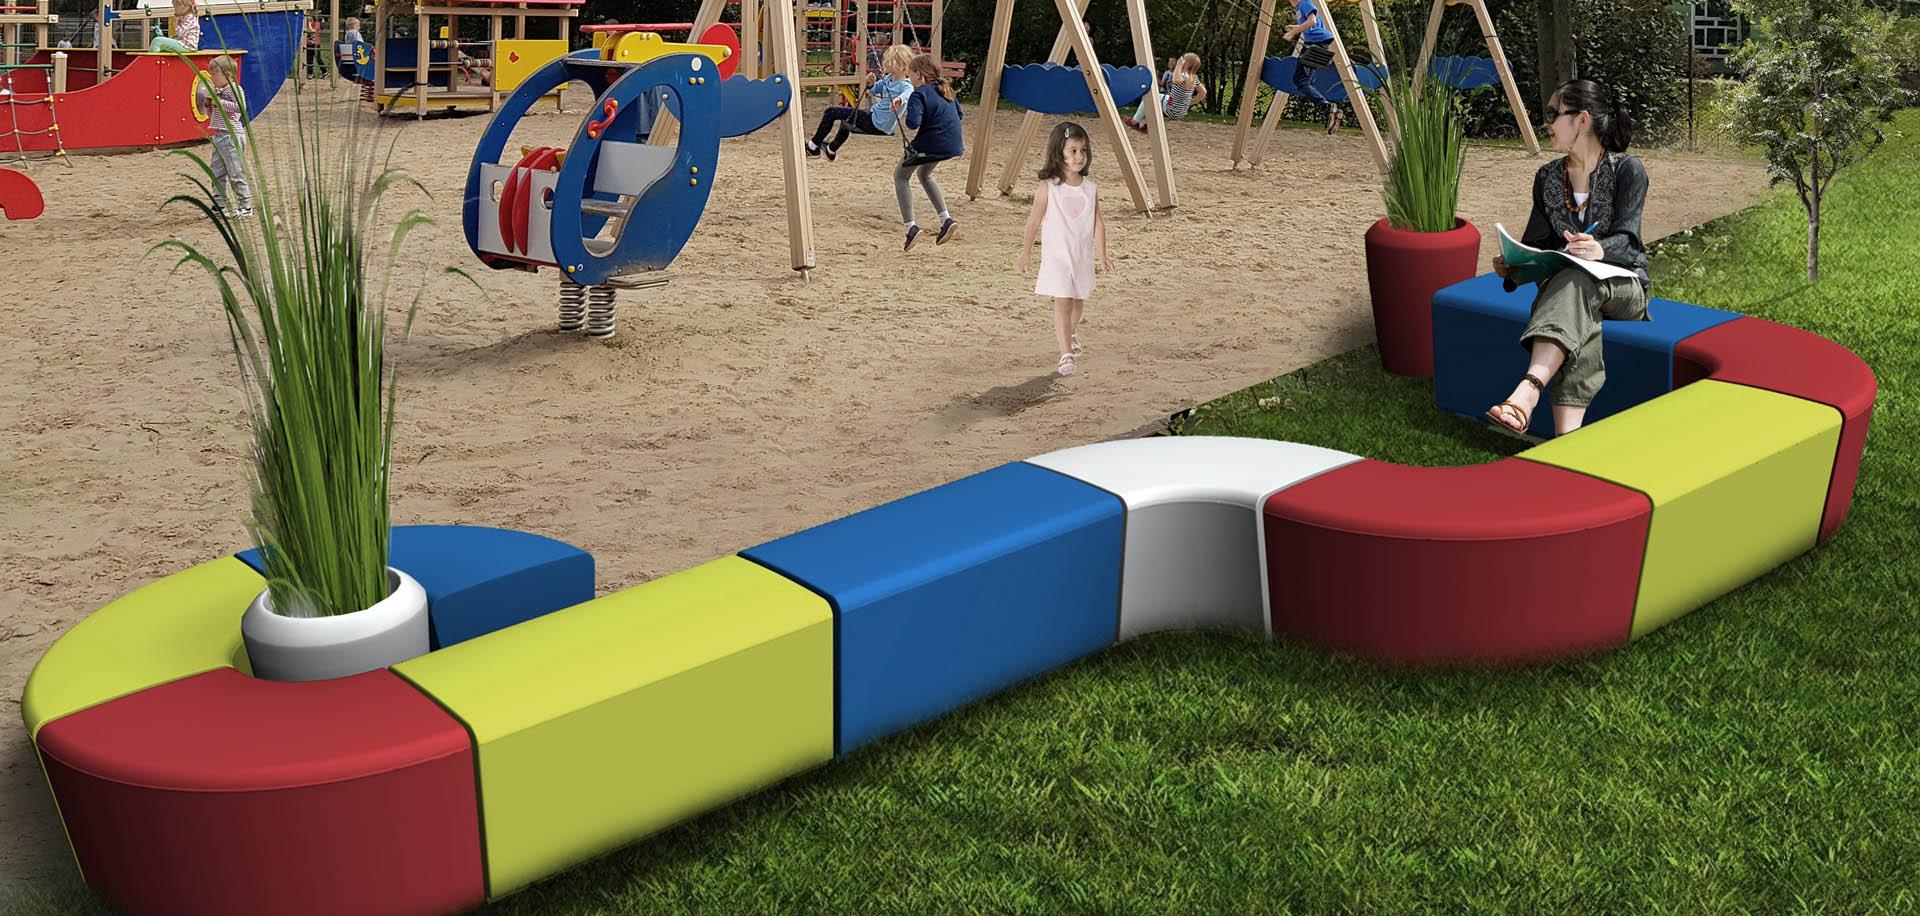 ławki modułowe -plac zabaw meble miejskie meble do przestrzeni miejskich